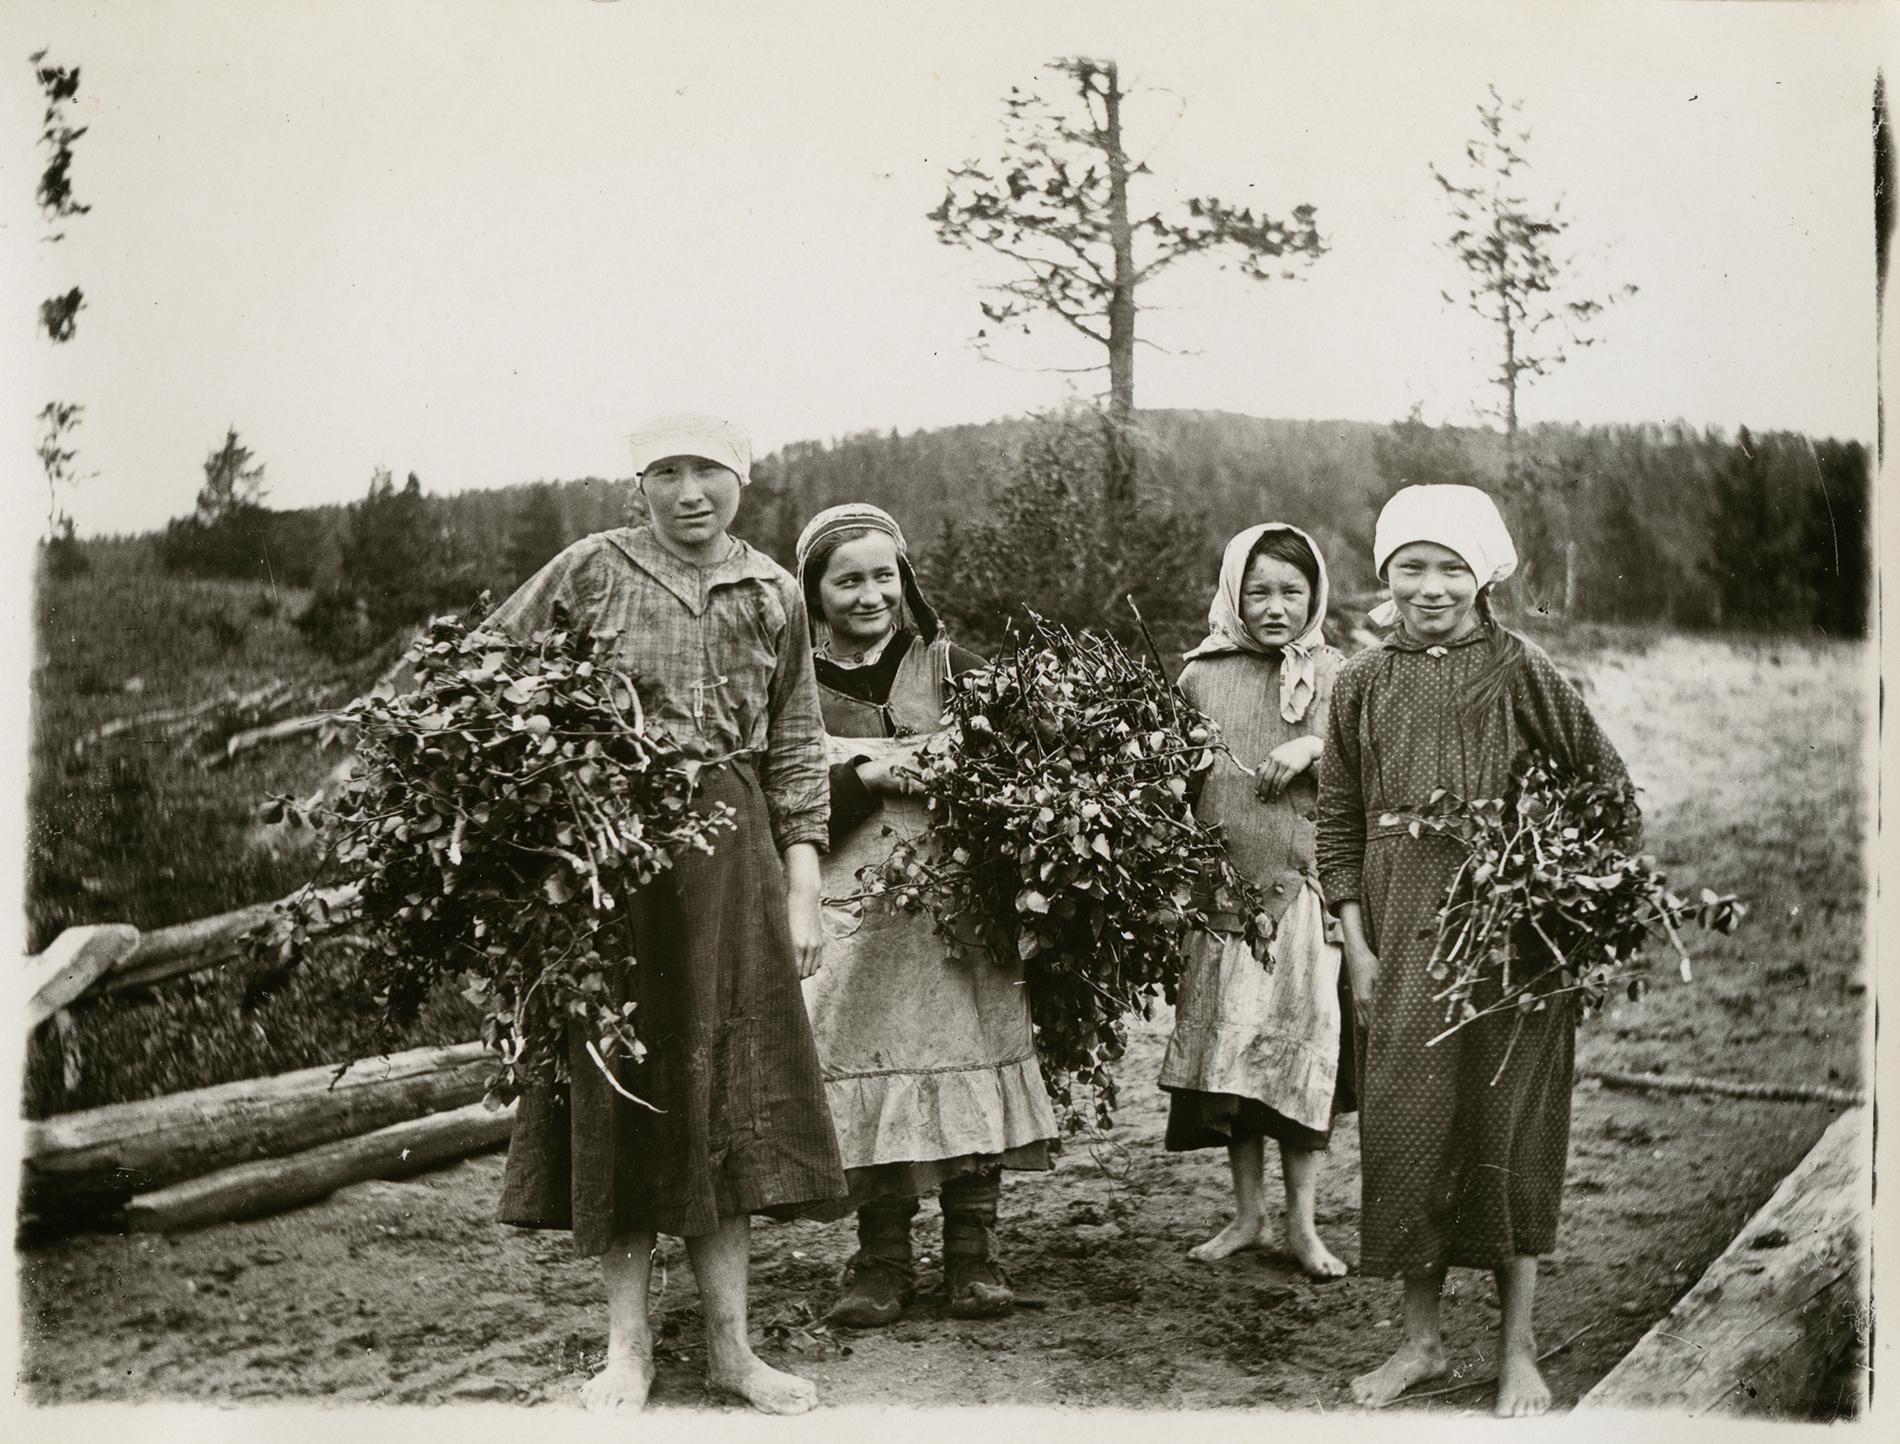 Tytöt tulevat luutavarpuja noutamasta. Enontekiö 22.6.1921. Kuva: Samuli Paulaharju. SKS KRA.